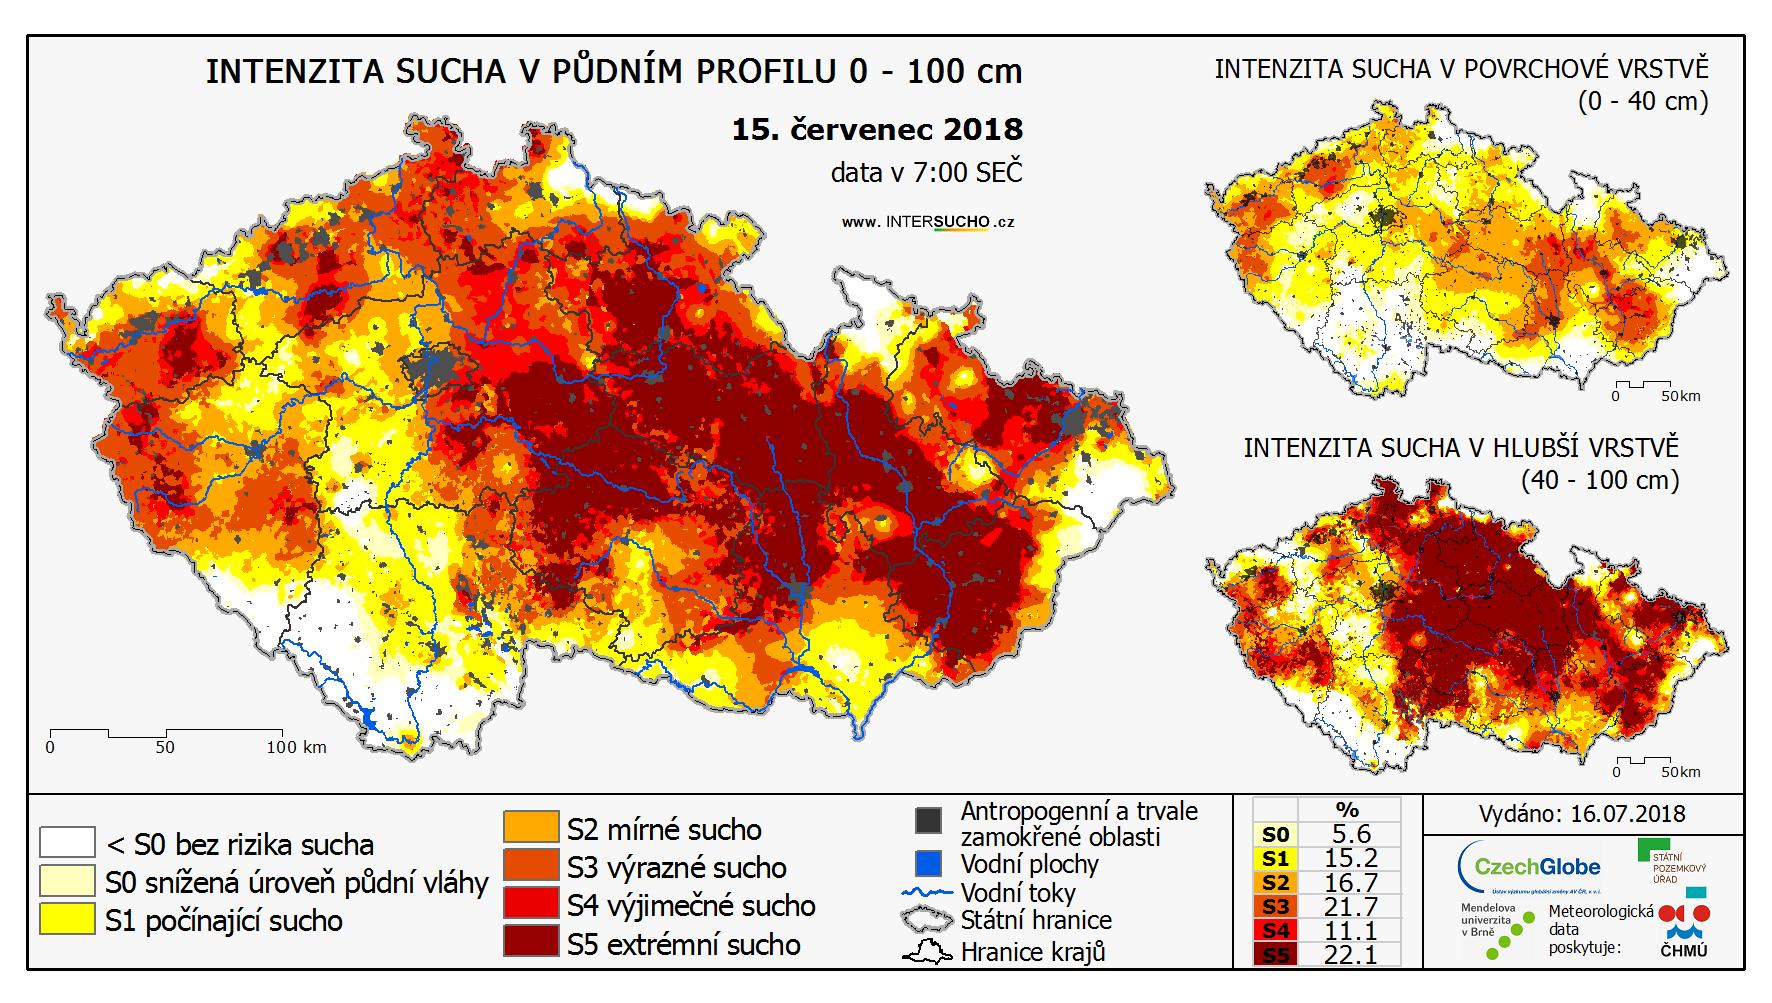 Intenzita sucha v půdním profilu 2018